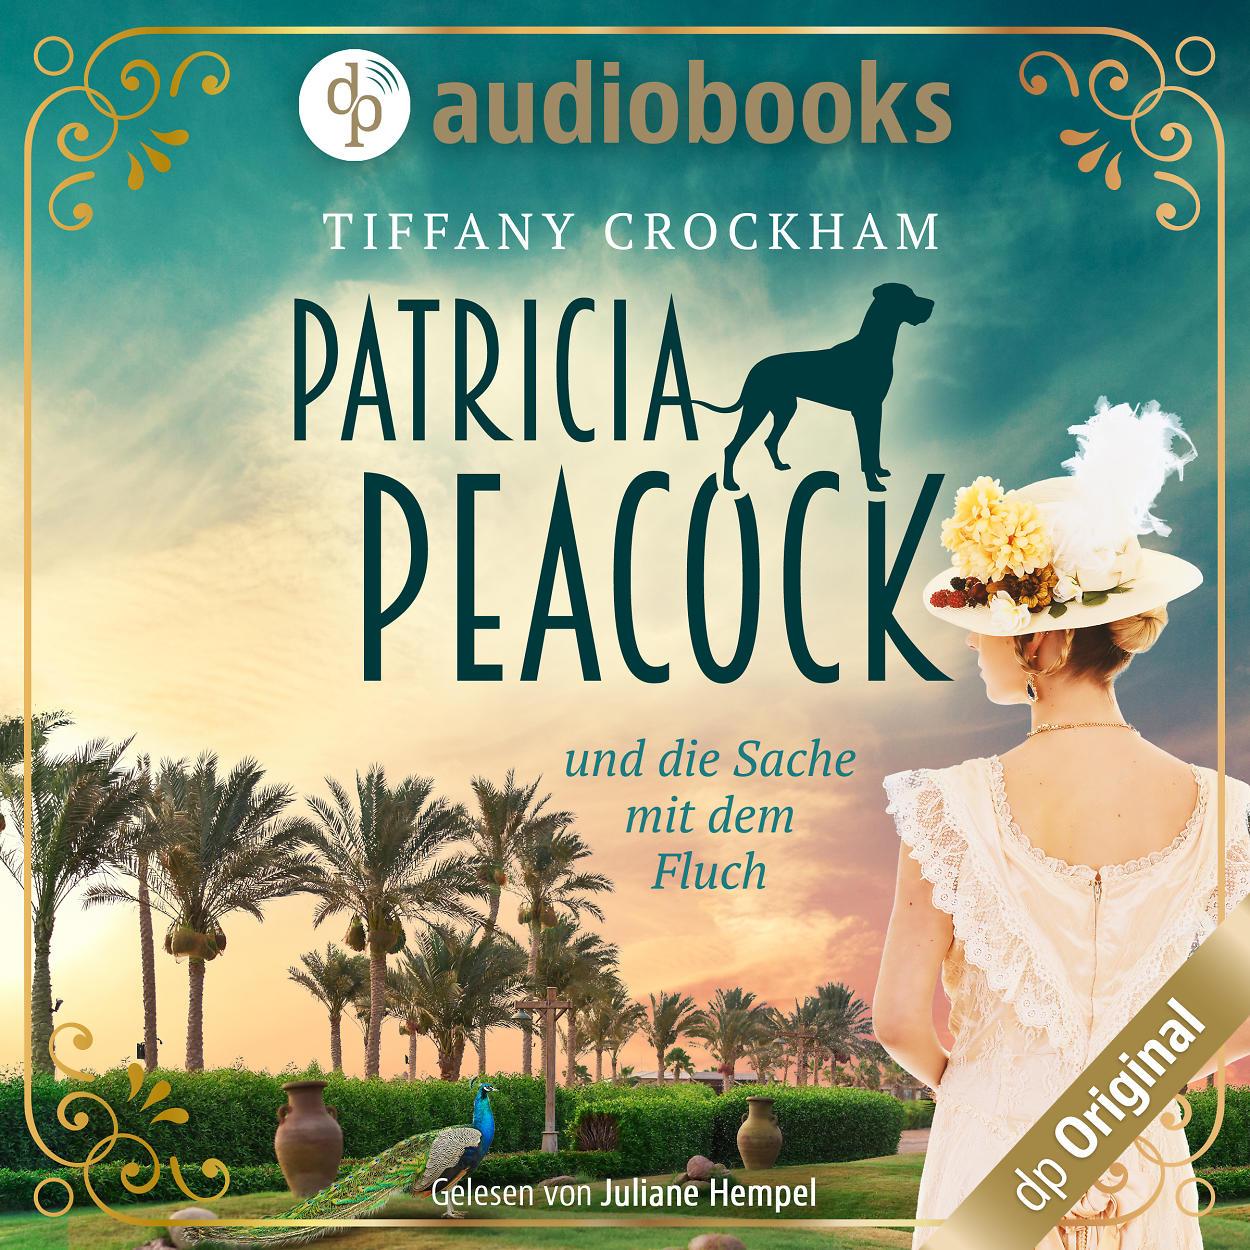 Patricia Peacock und die Sache mit dem Fluch